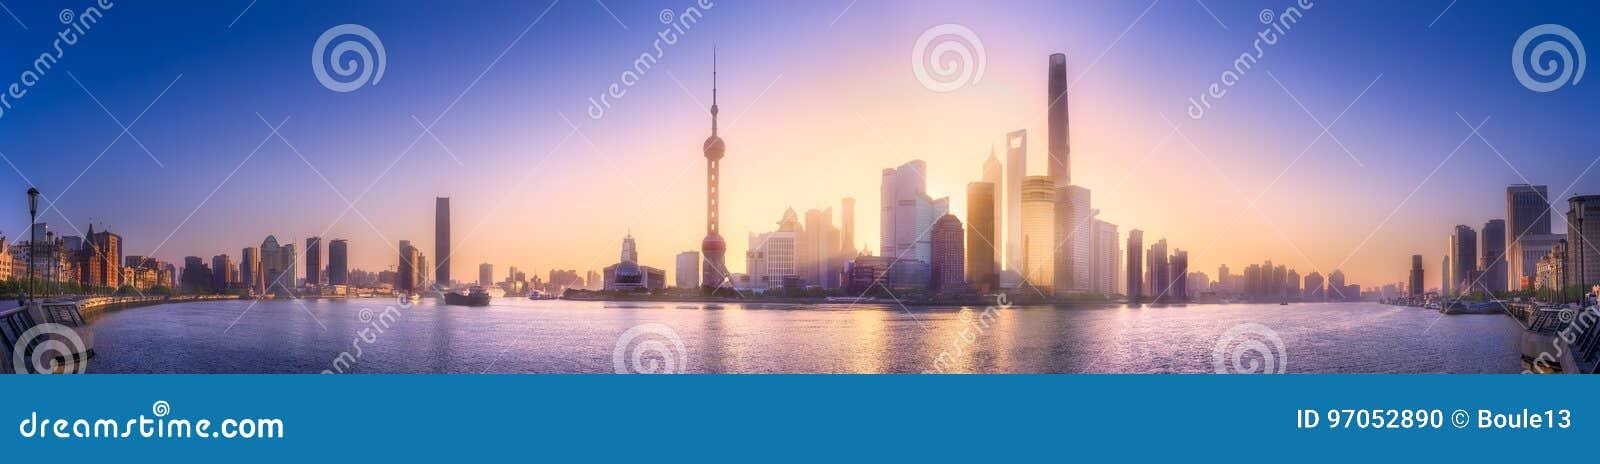 上海地平线都市风景